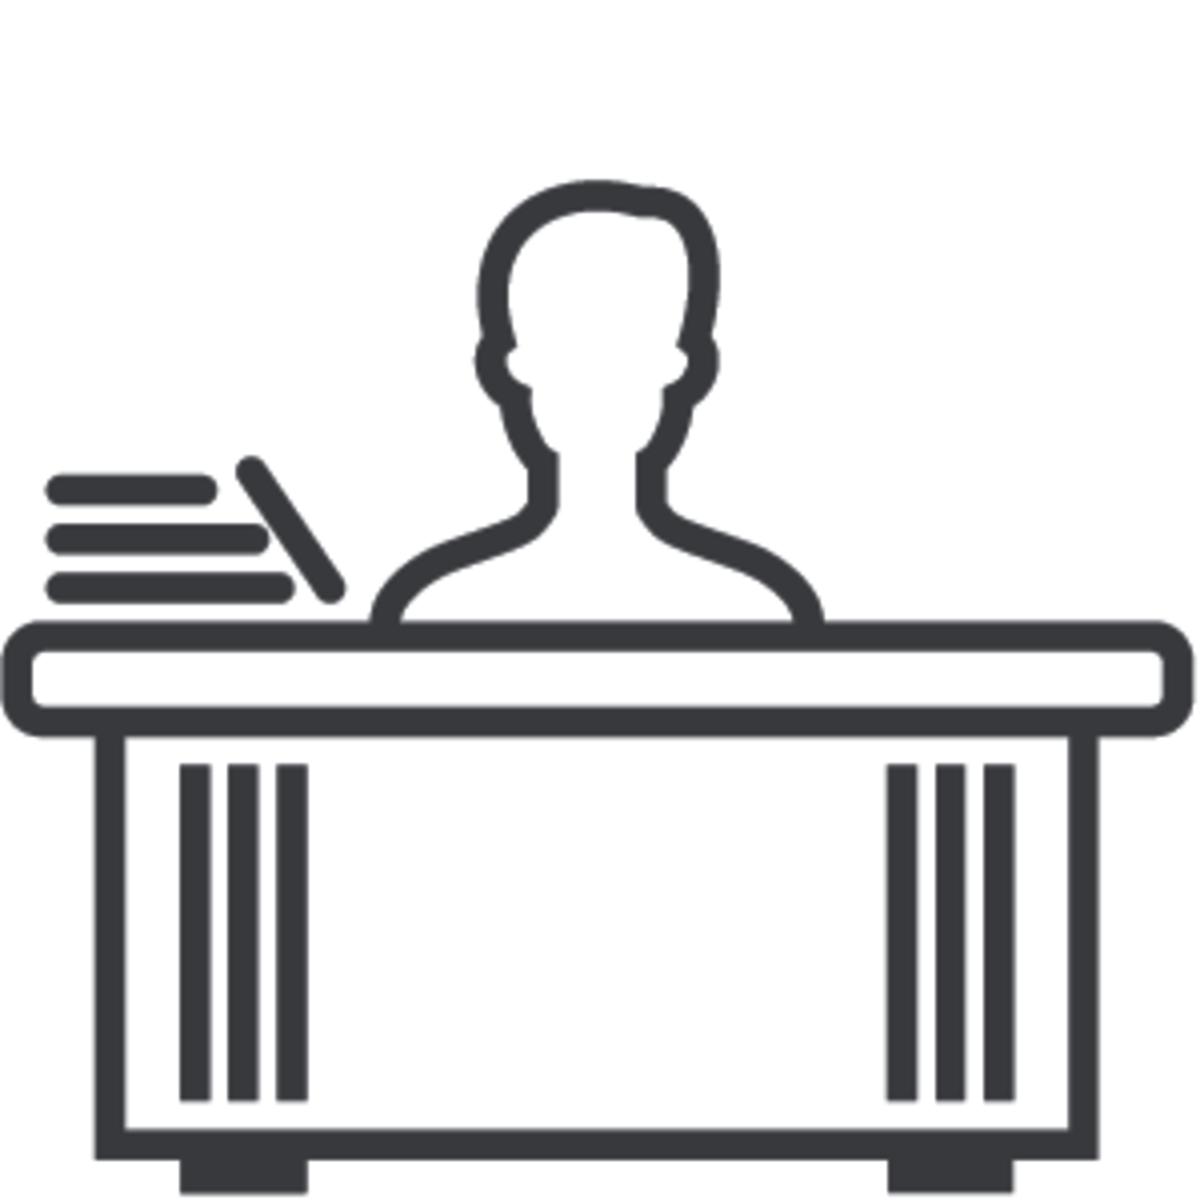 LT Lawtank - Traduction légalisée - Service officiel